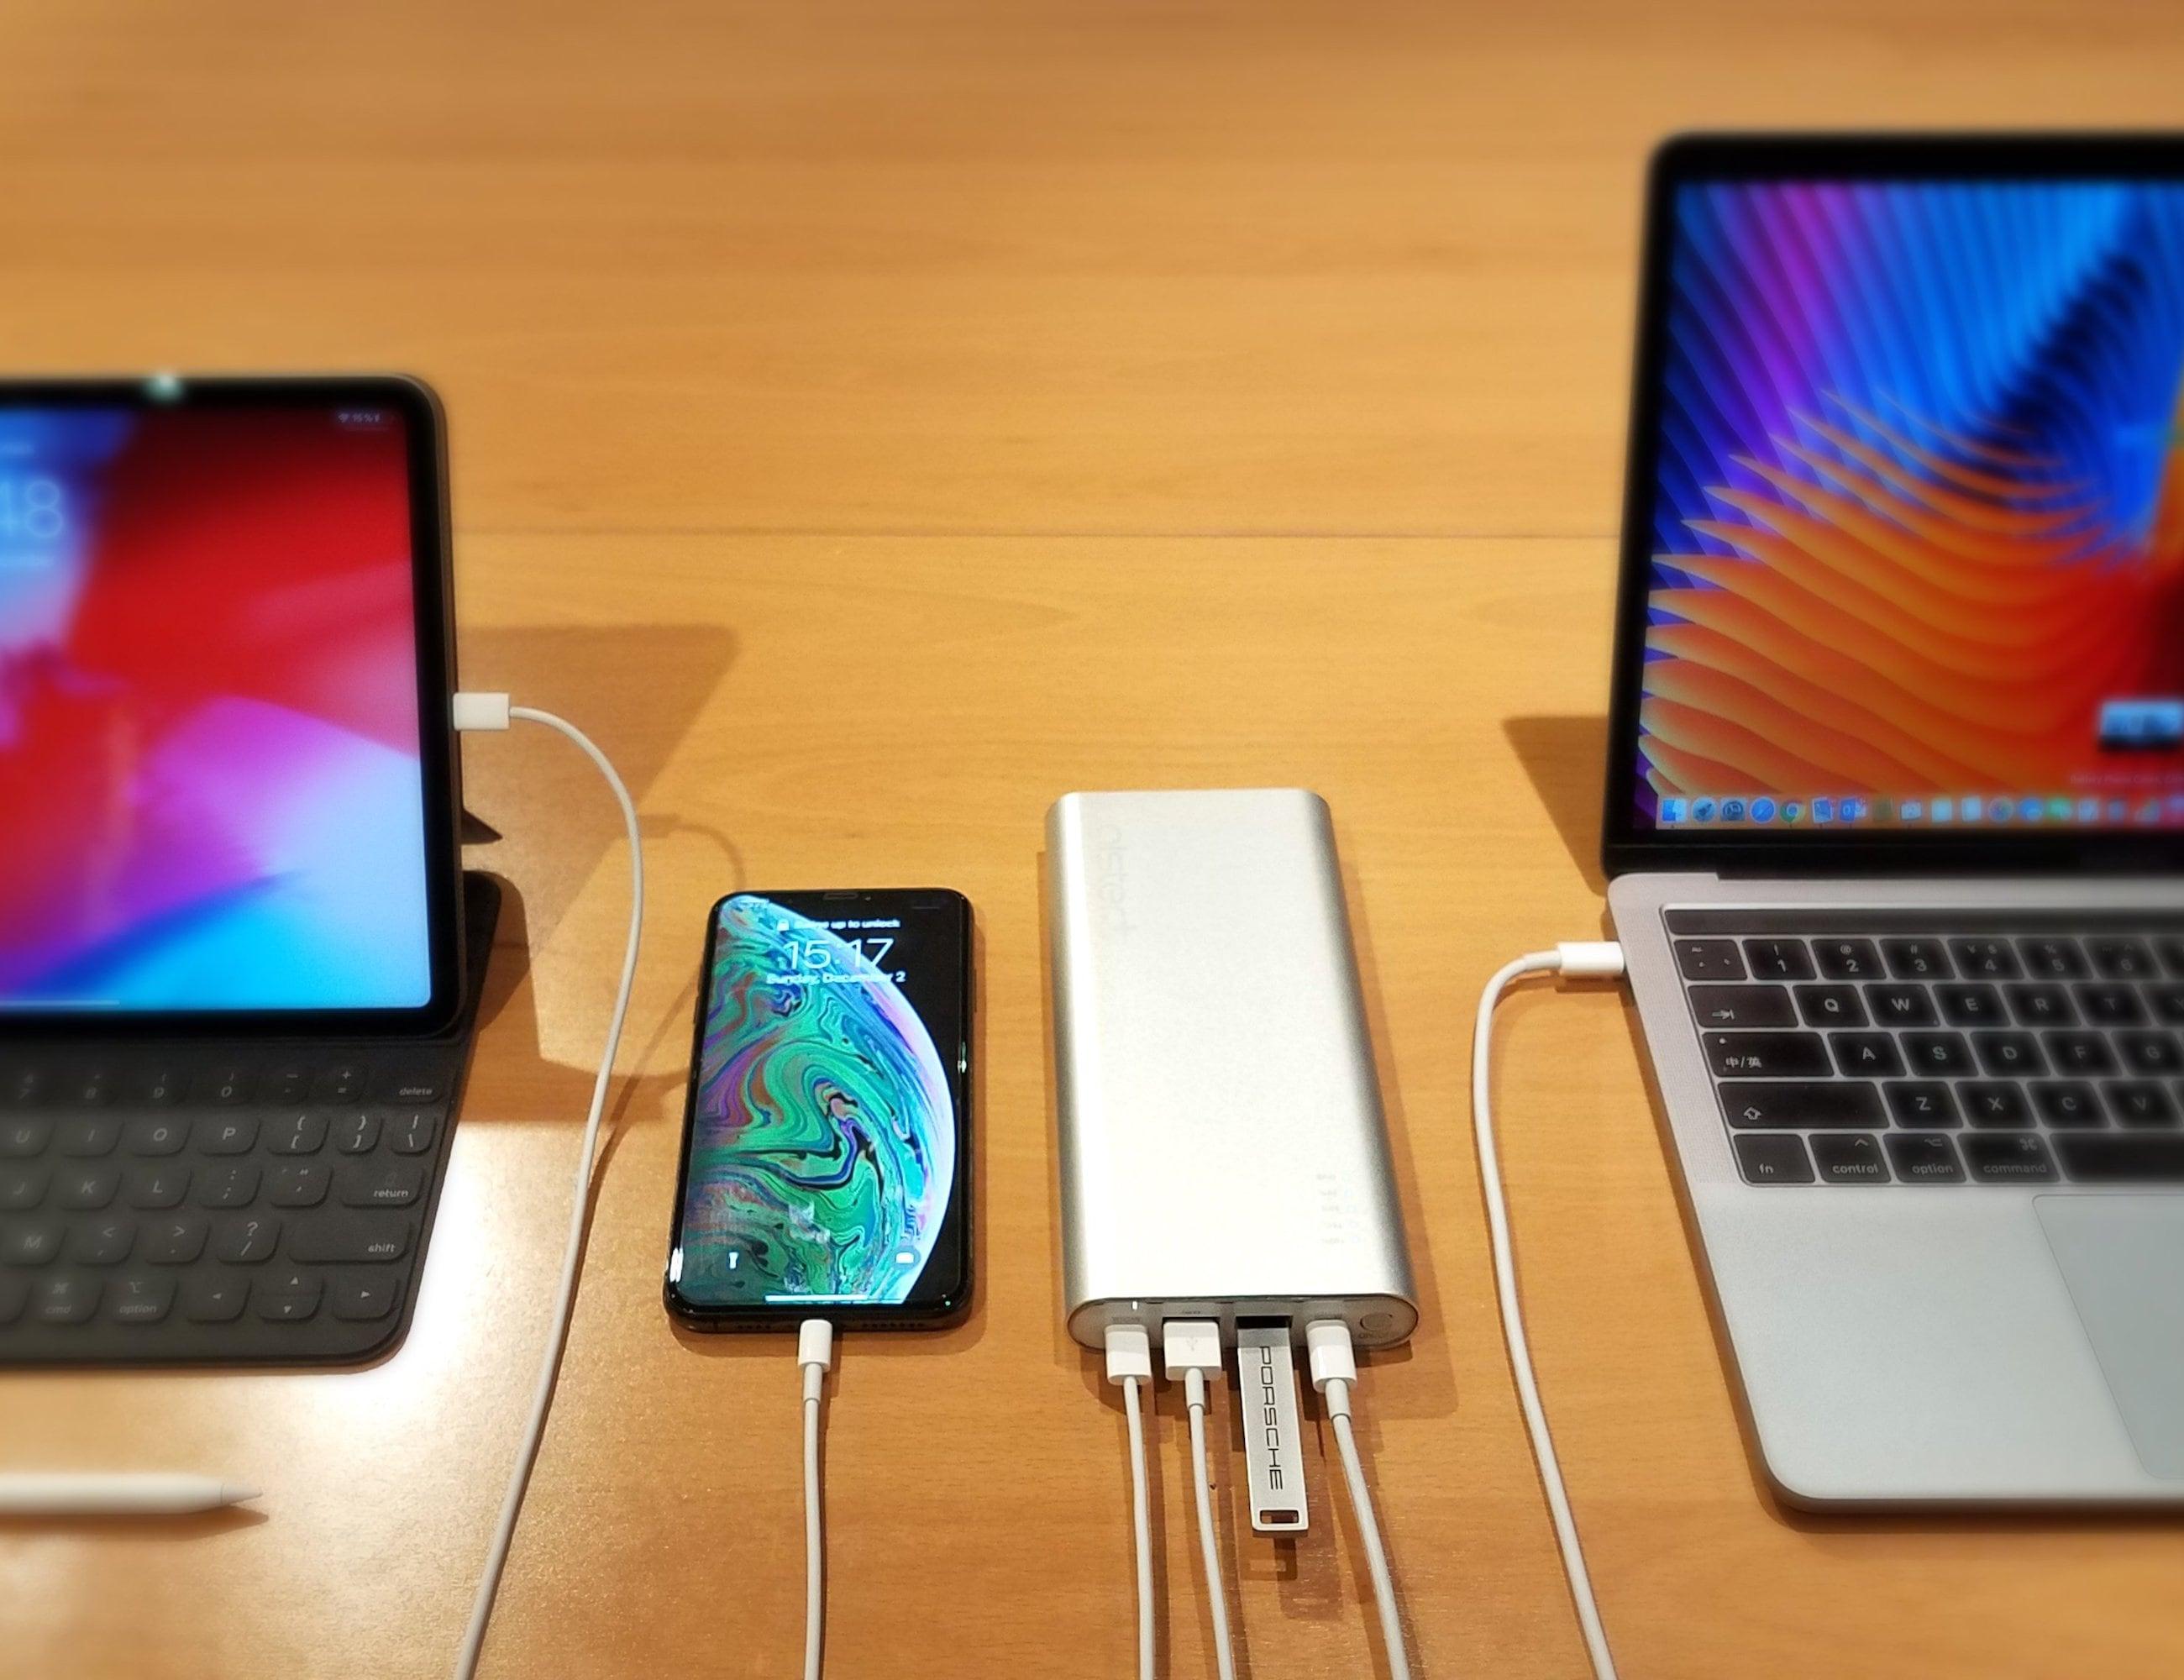 AlsterPlus USB-C Battery Pack & Hub